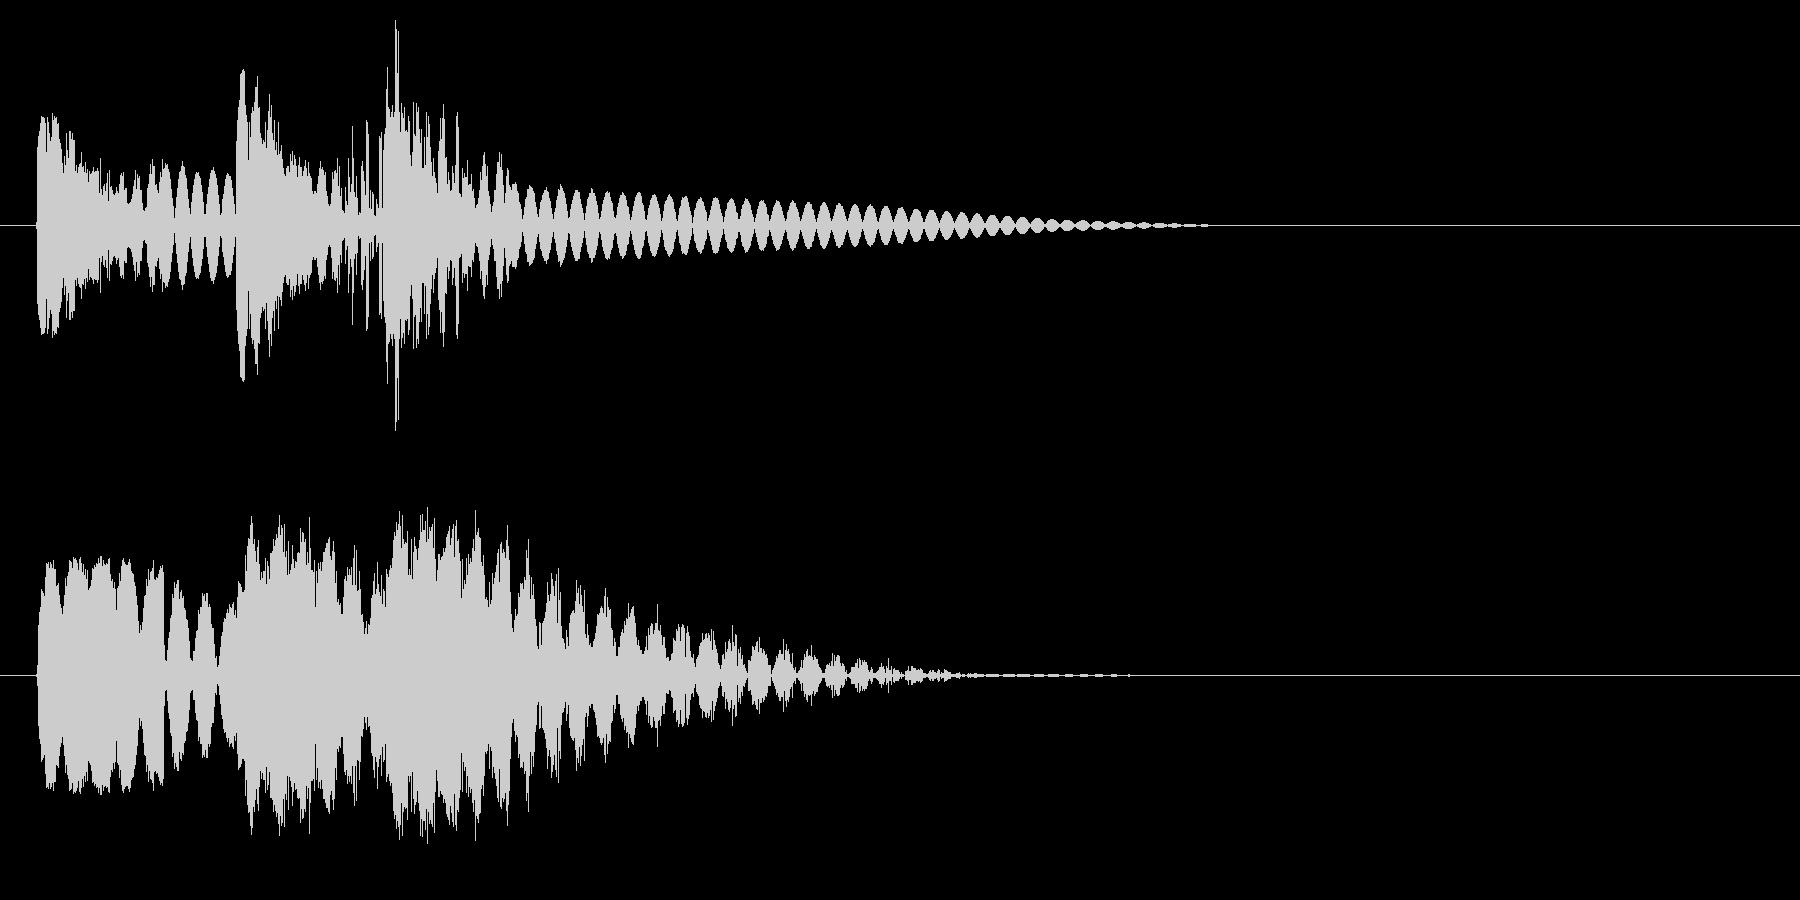 ビュビュビュン 射撃音 ゲームなどの未再生の波形